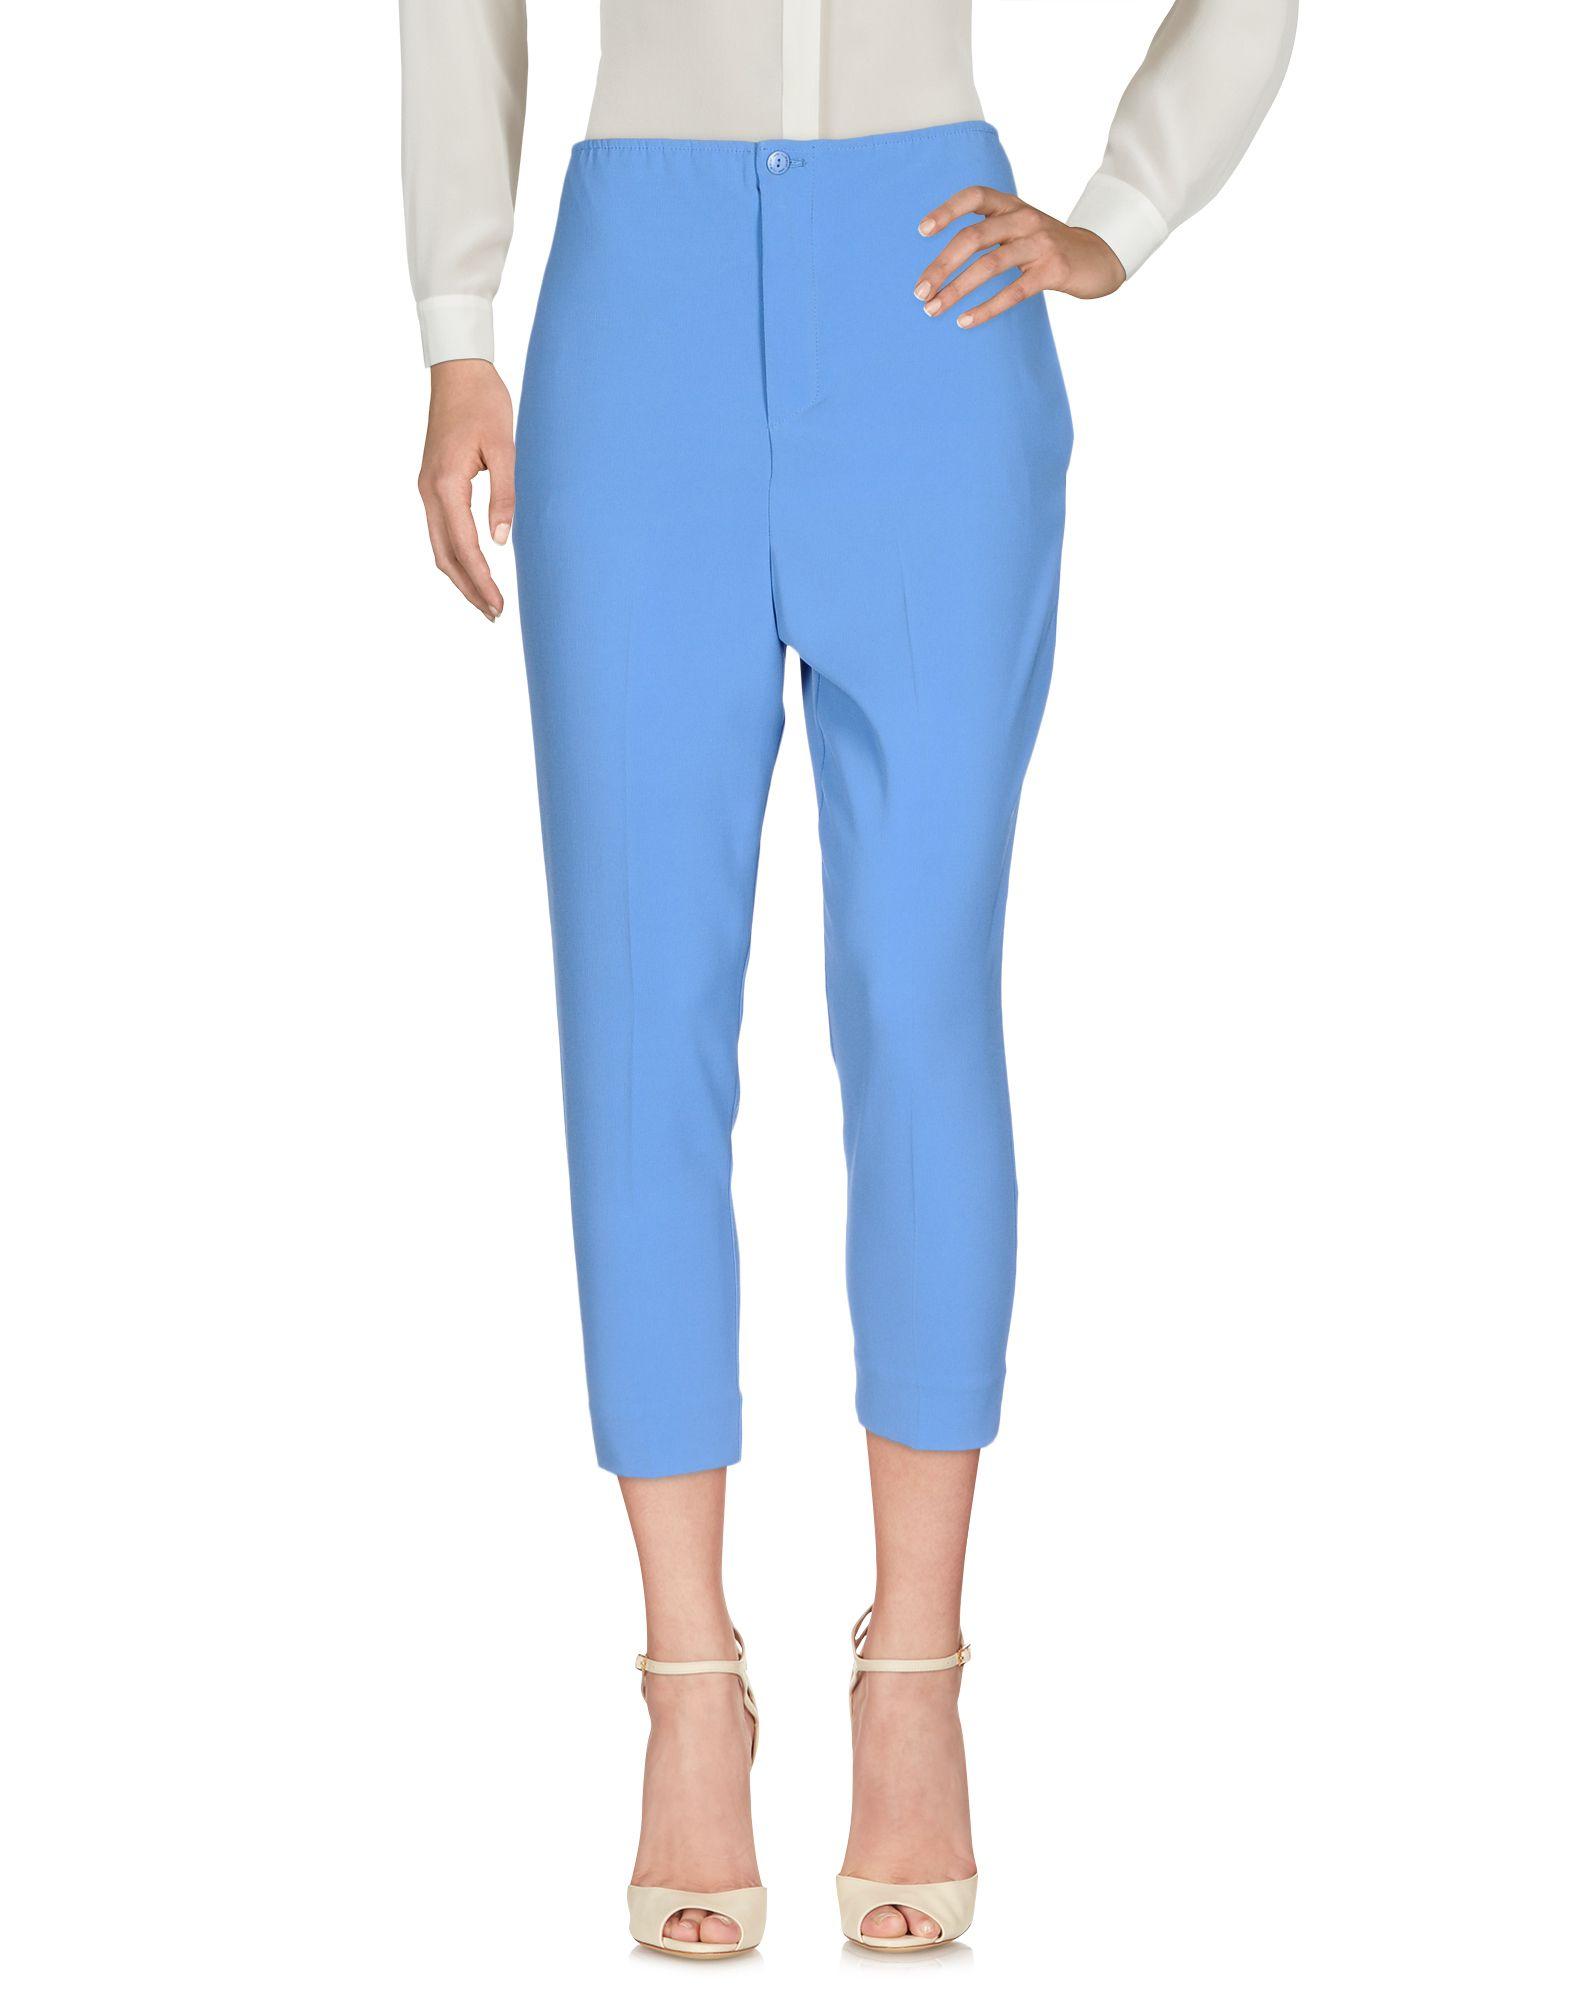 ..,MERCI Повседневные брюки мужские повседневные брюки белья шелк смесь брюки плюс размер штаны брюки ореховый c159